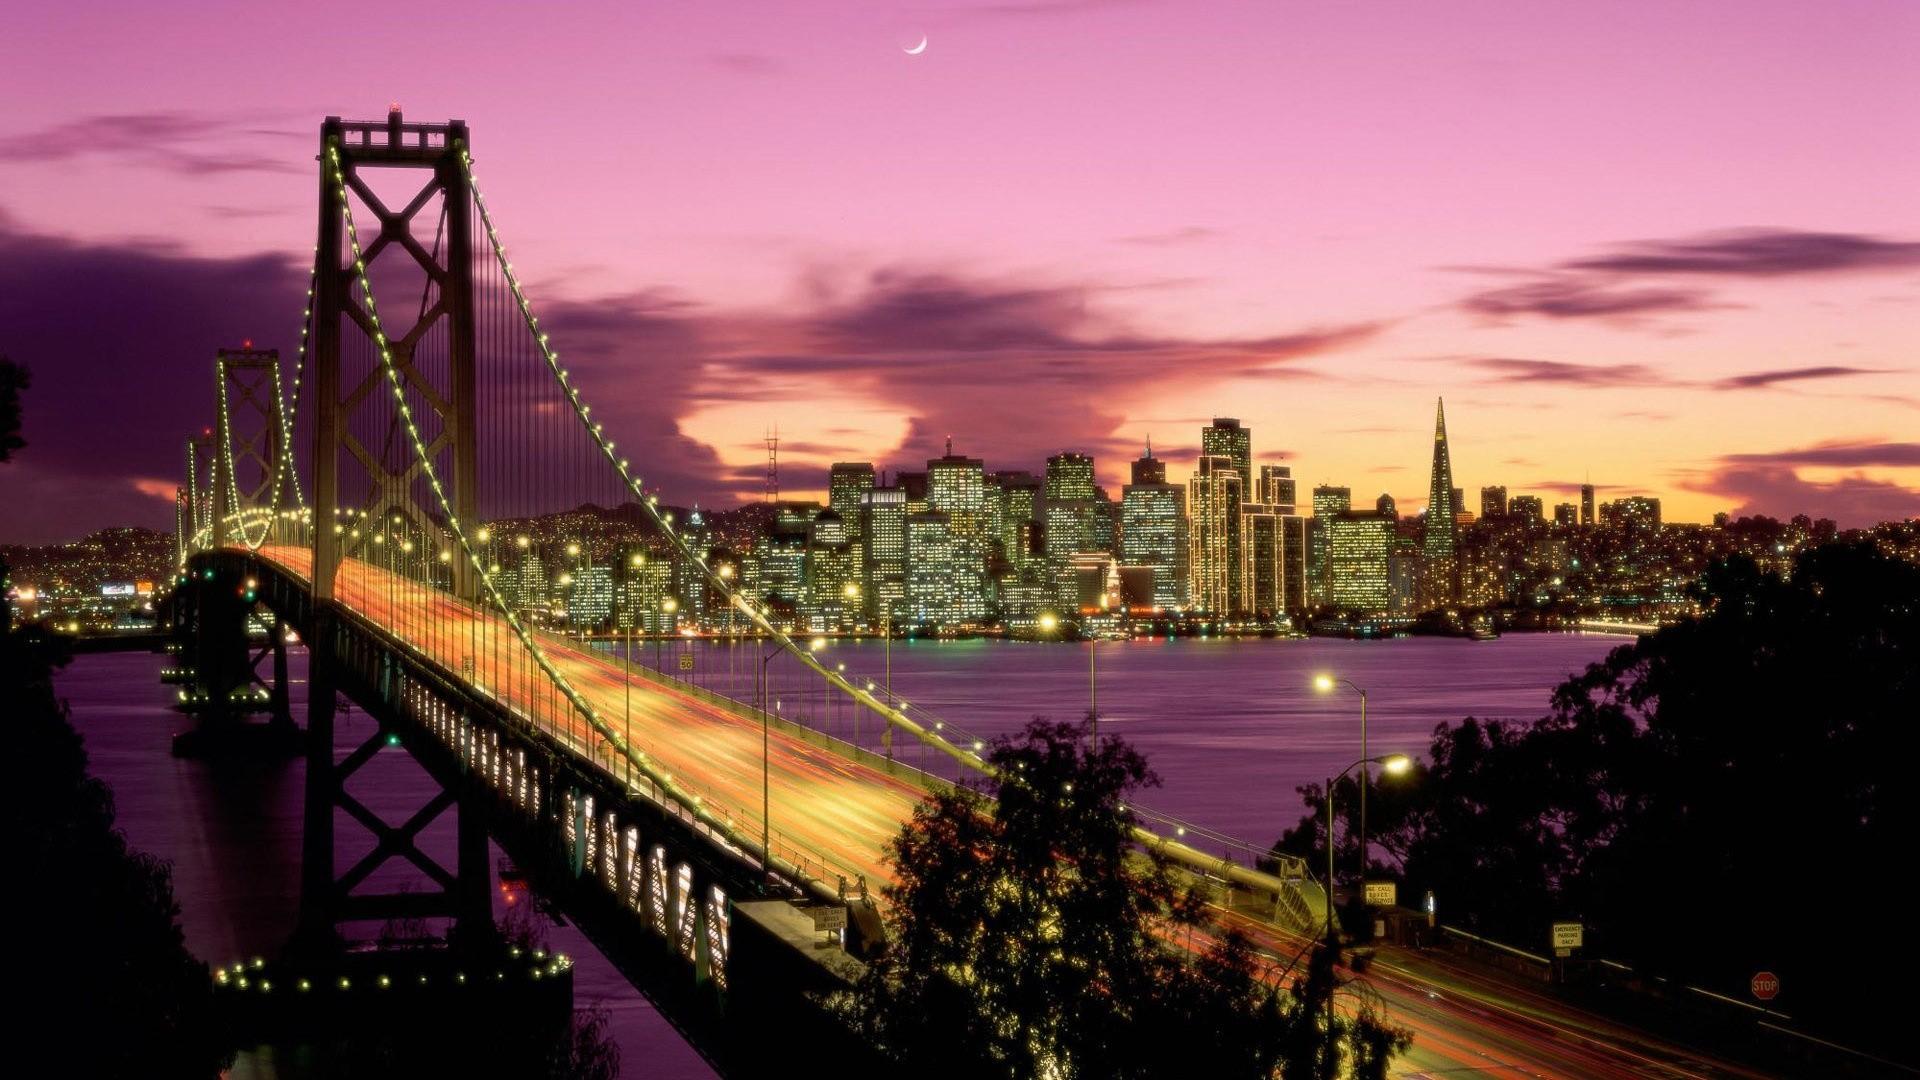 Bay Area background image